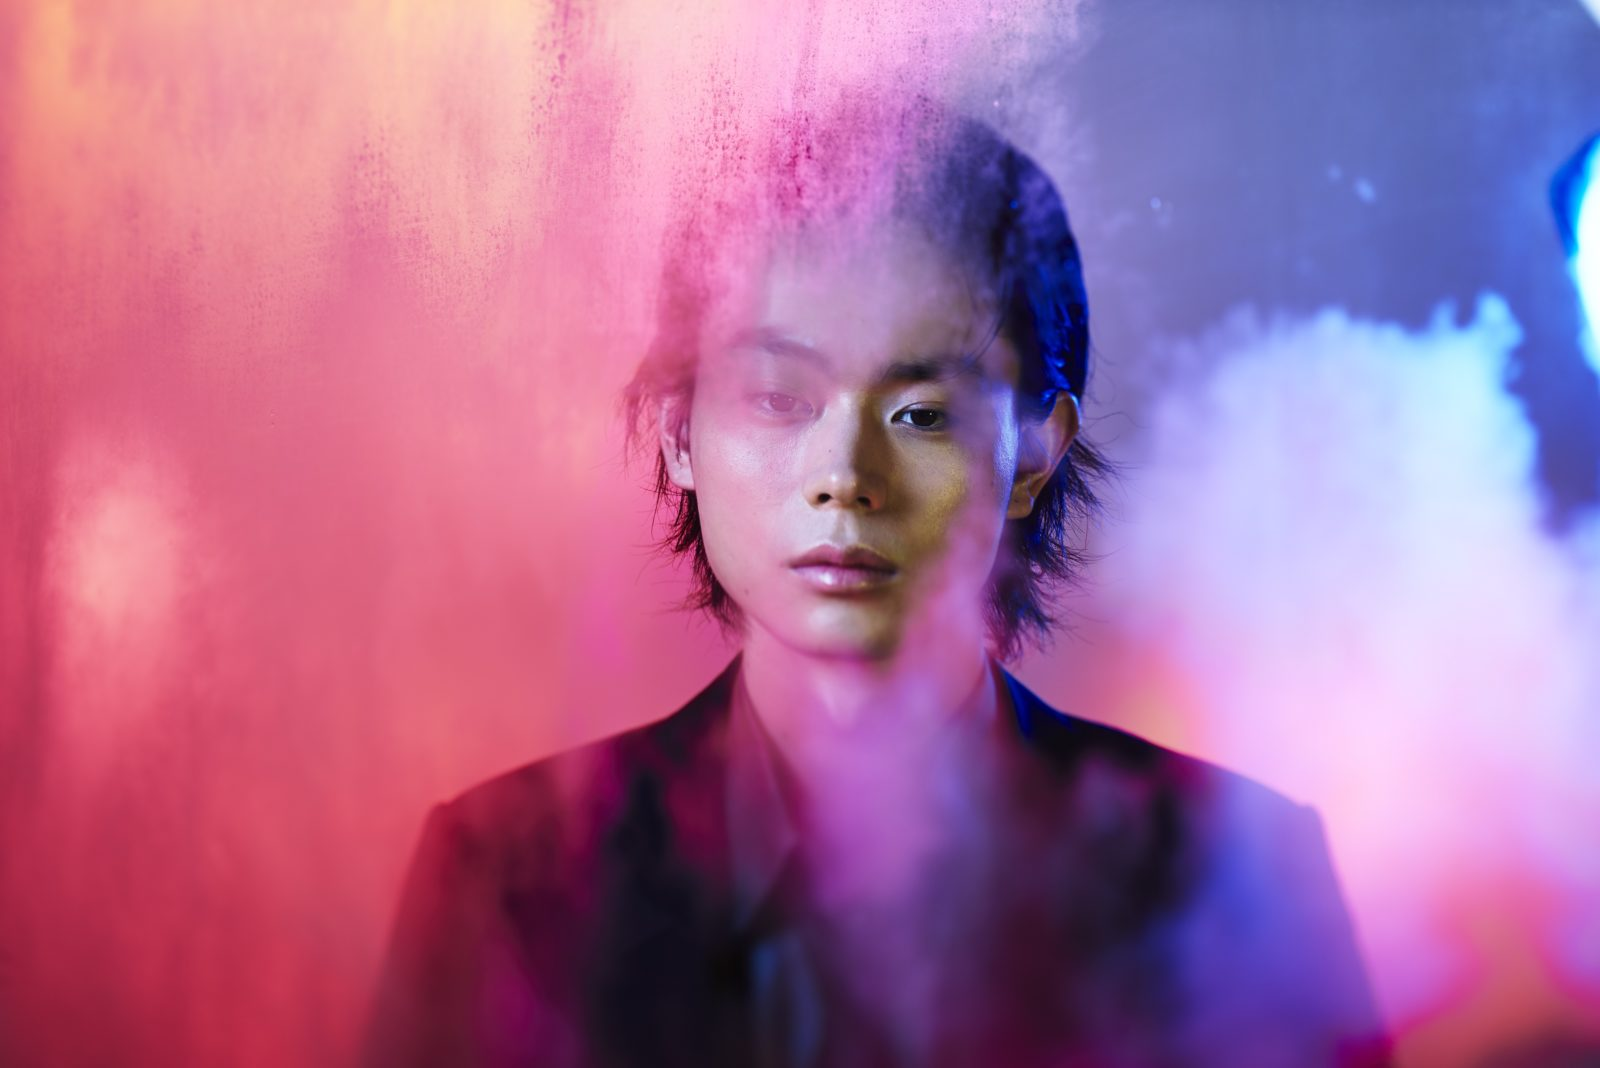 菅田将暉、来週の「MUSIC STATION」に生出演決定!「呼吸」の先行配信も合わせてスタートサムネイル画像